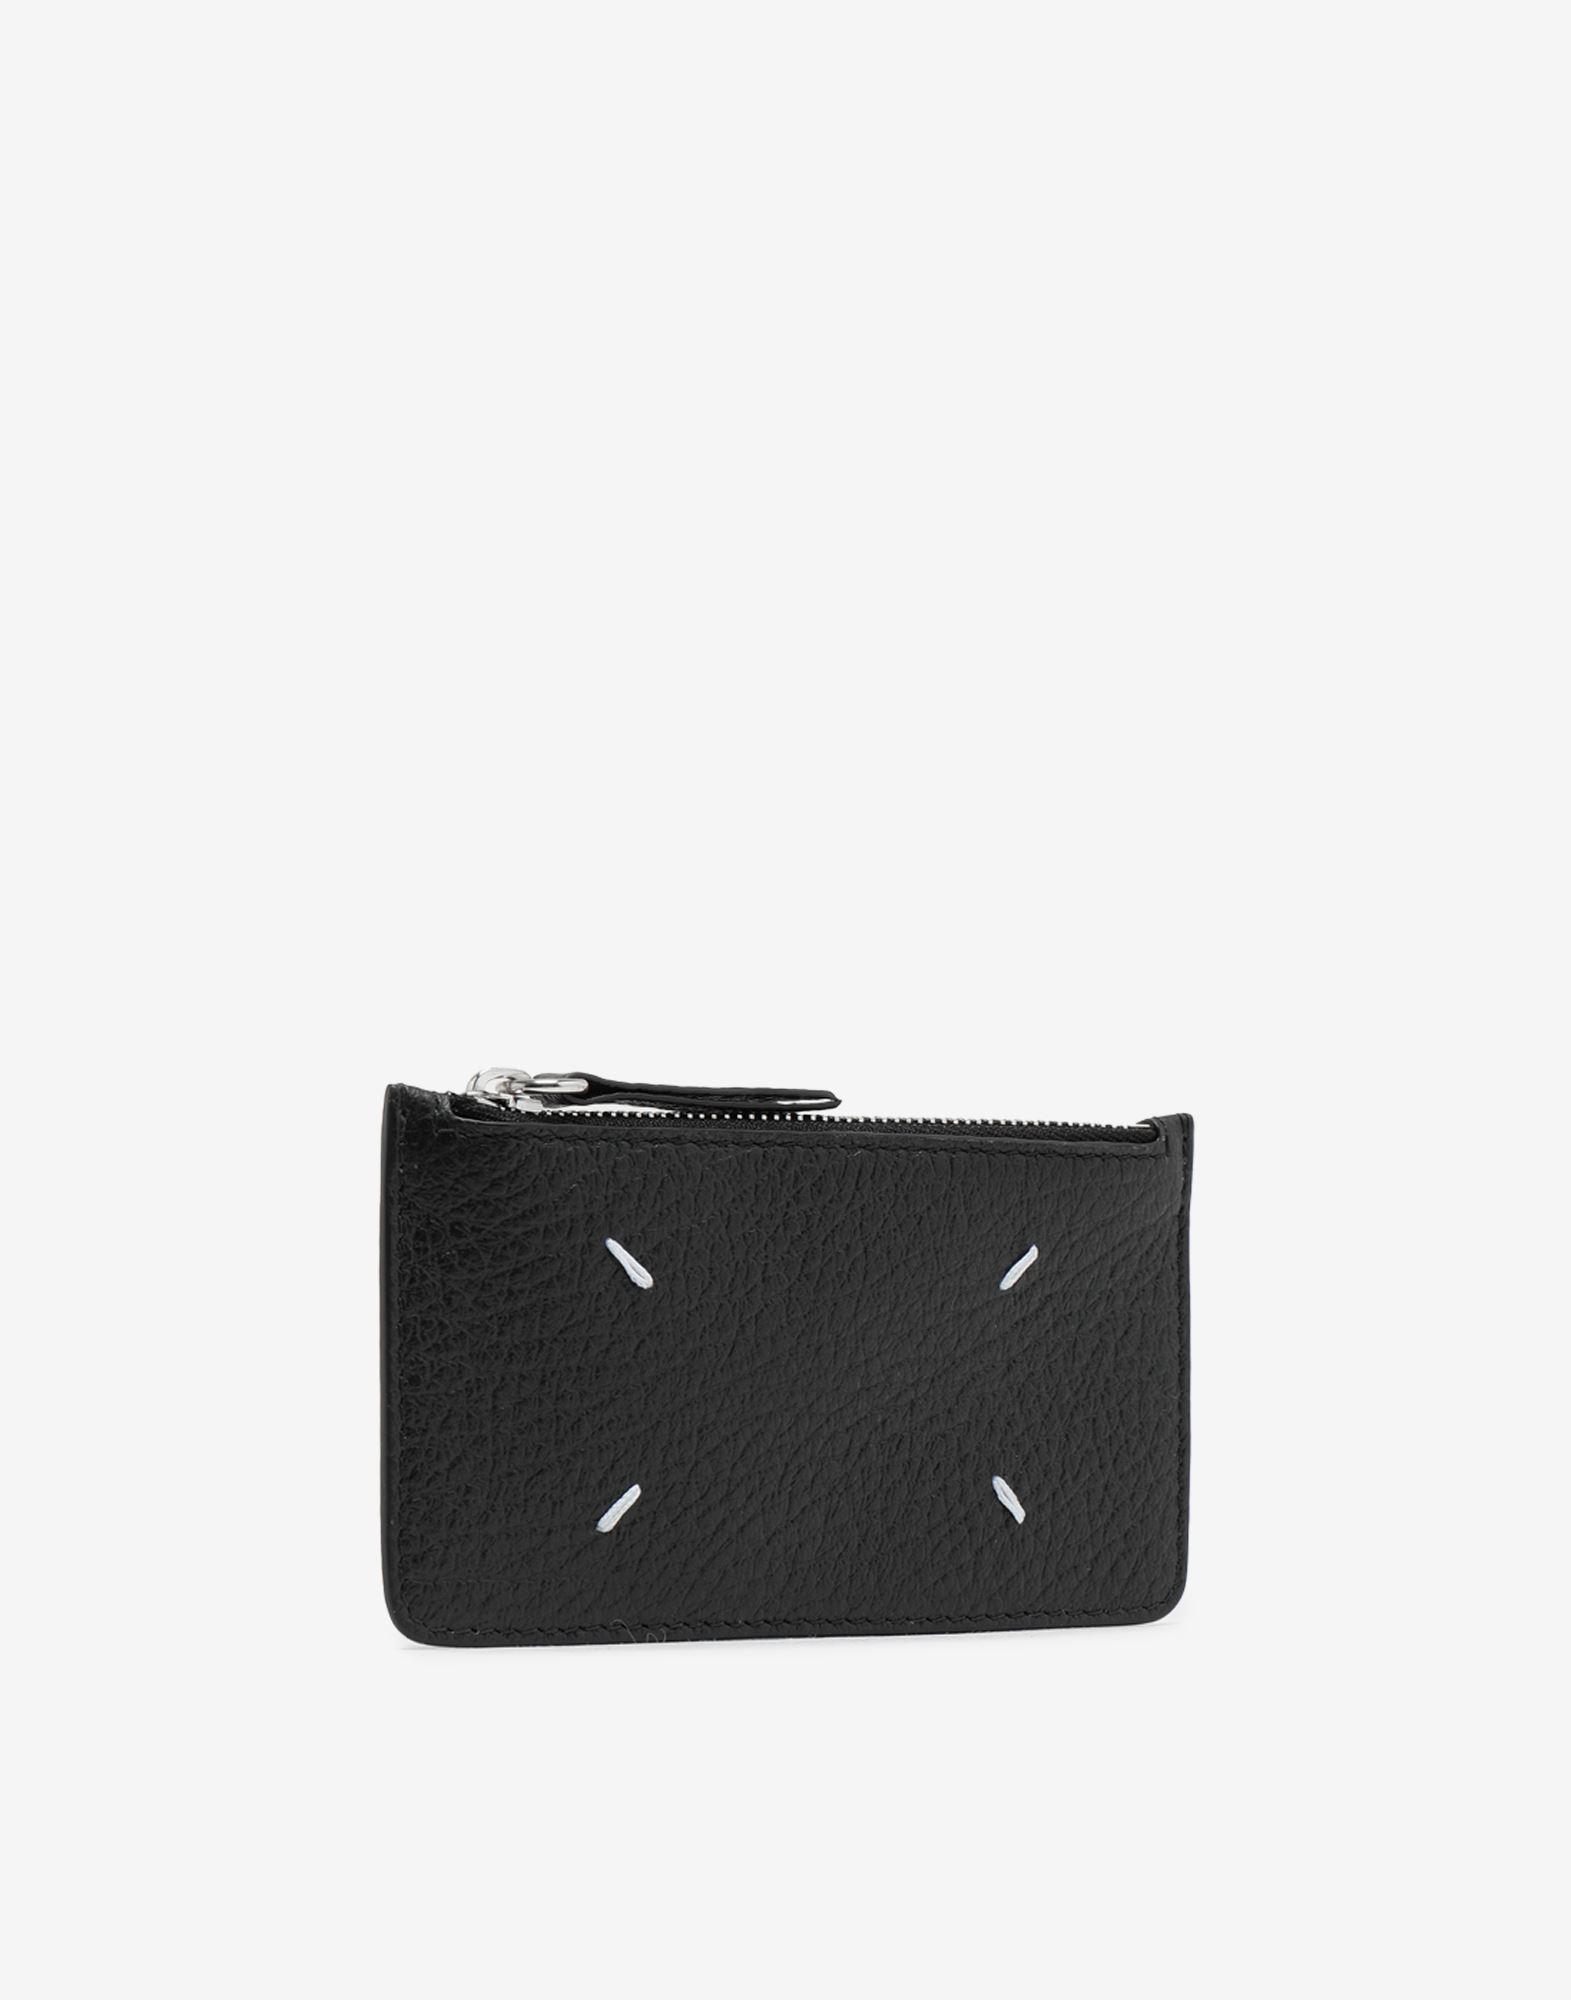 MAISON MARGIELA レザー カードホルダー ウォレット 財布 レディース r